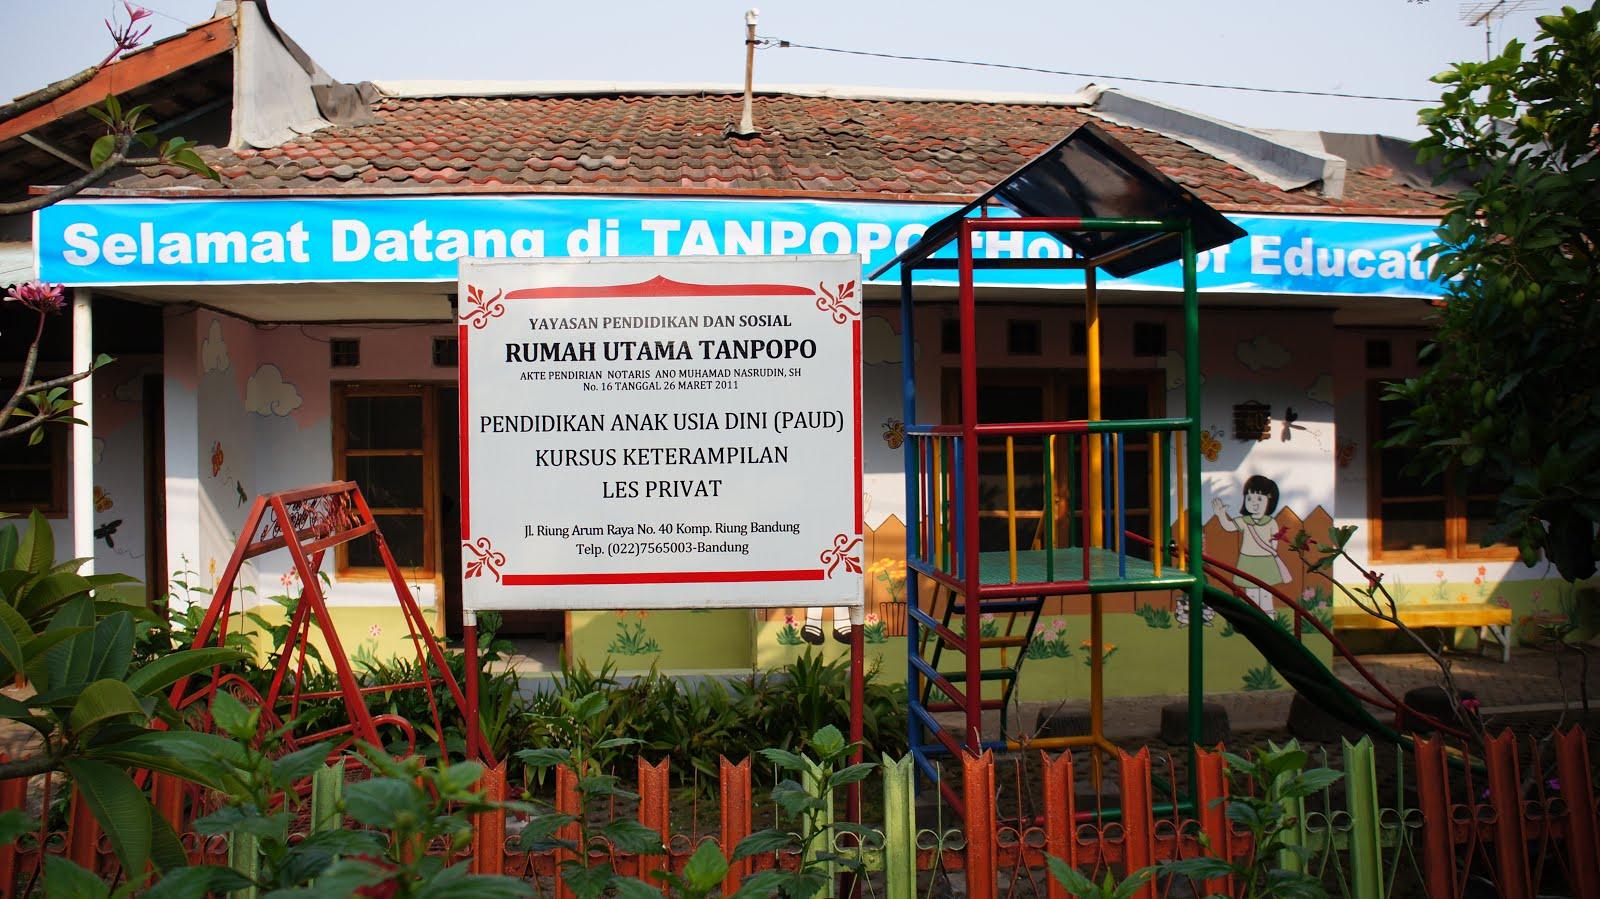 Rumah Utama Tanpopo